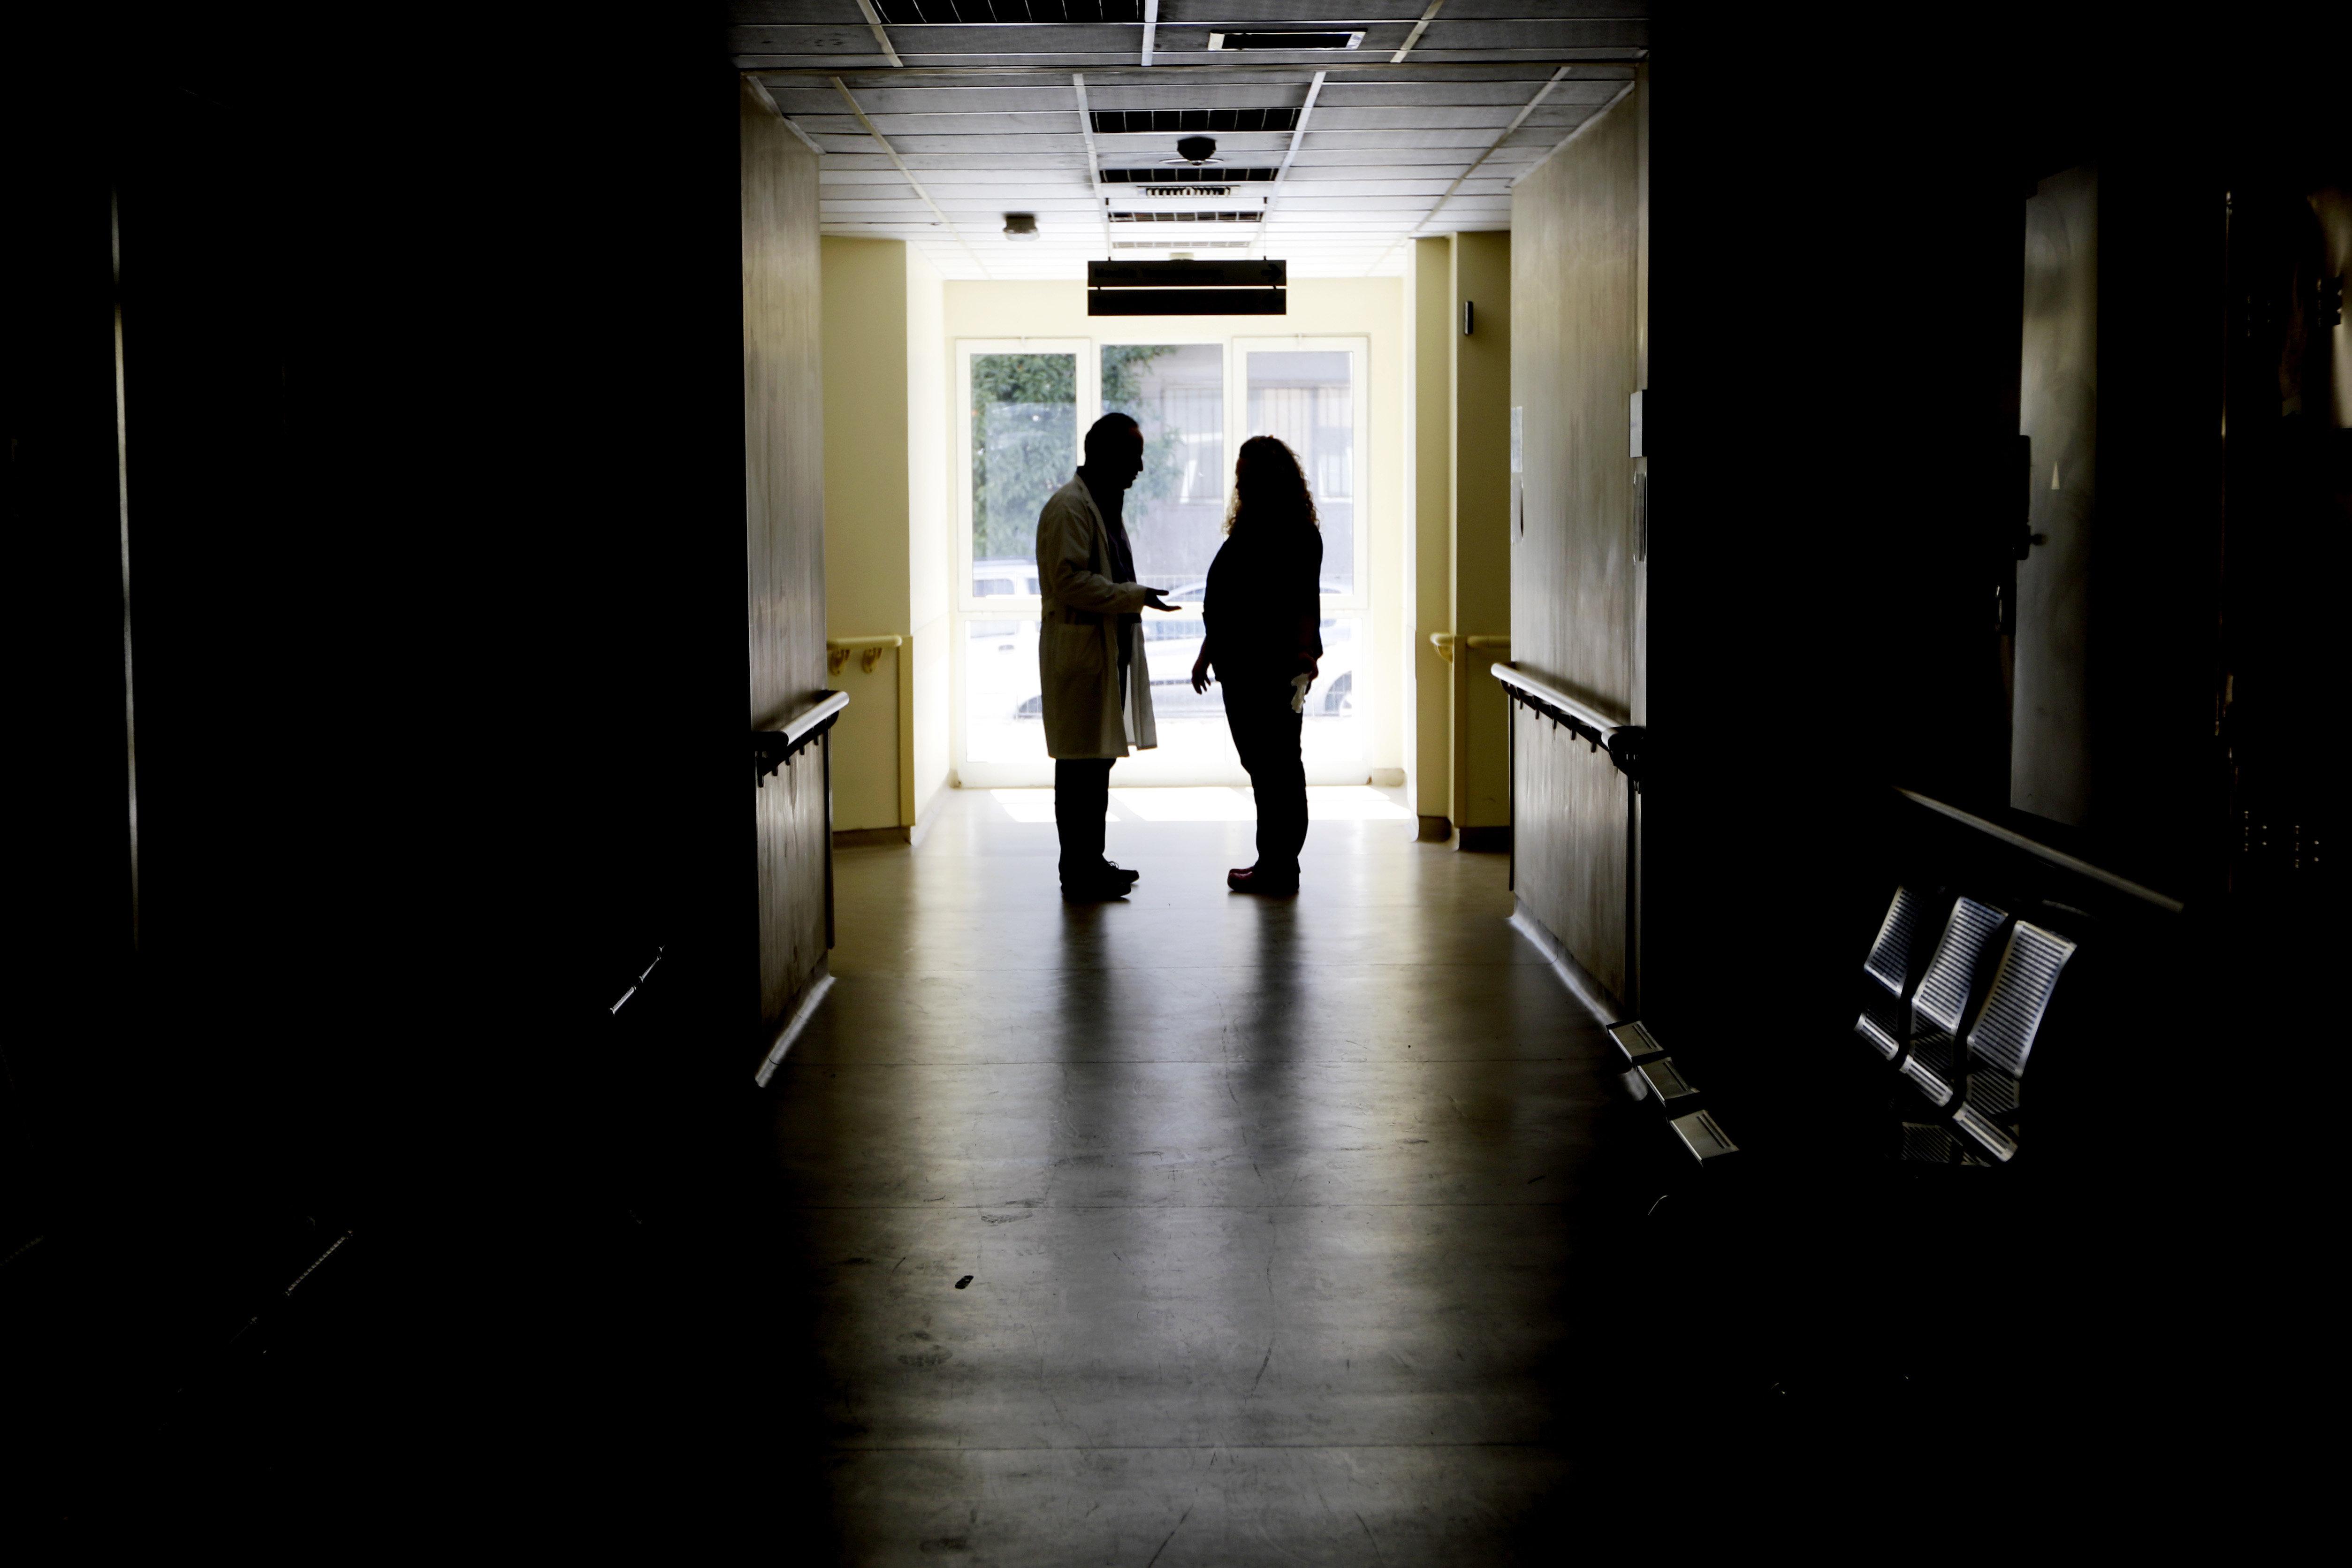 Ευρωπαϊκή επιδημία γρίπης: Τα χειρότερα